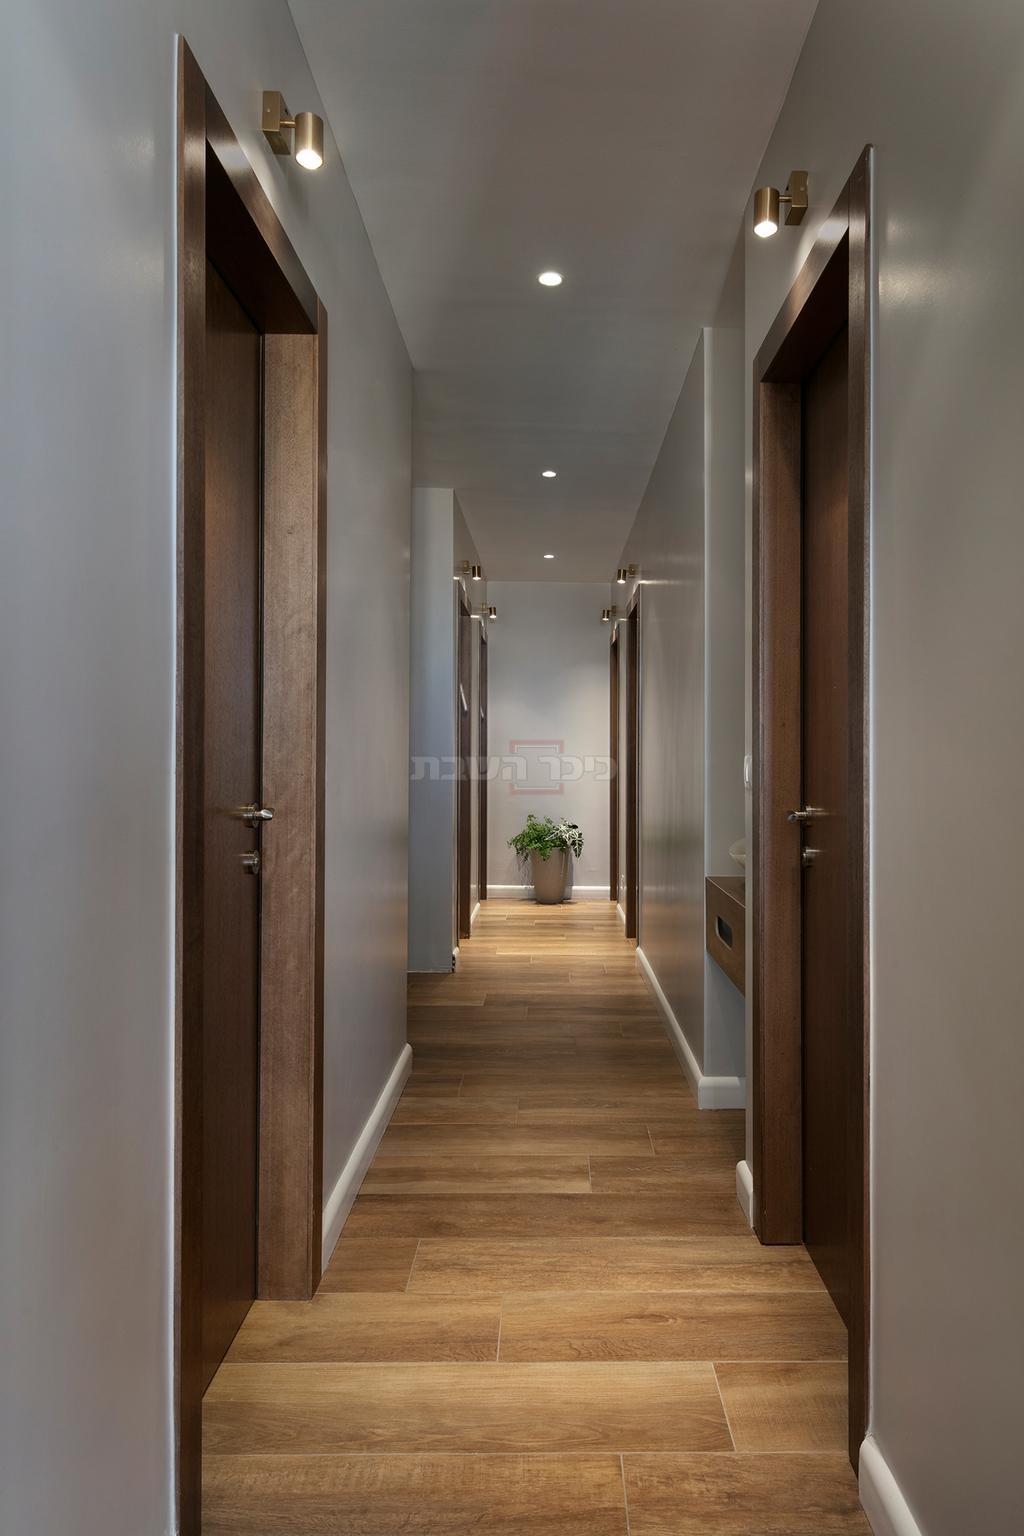 המסדרון הארוך יצר הפרדה ברורה בין חלל המגורים לחלל האירוח (צילום: אלעד גונן)